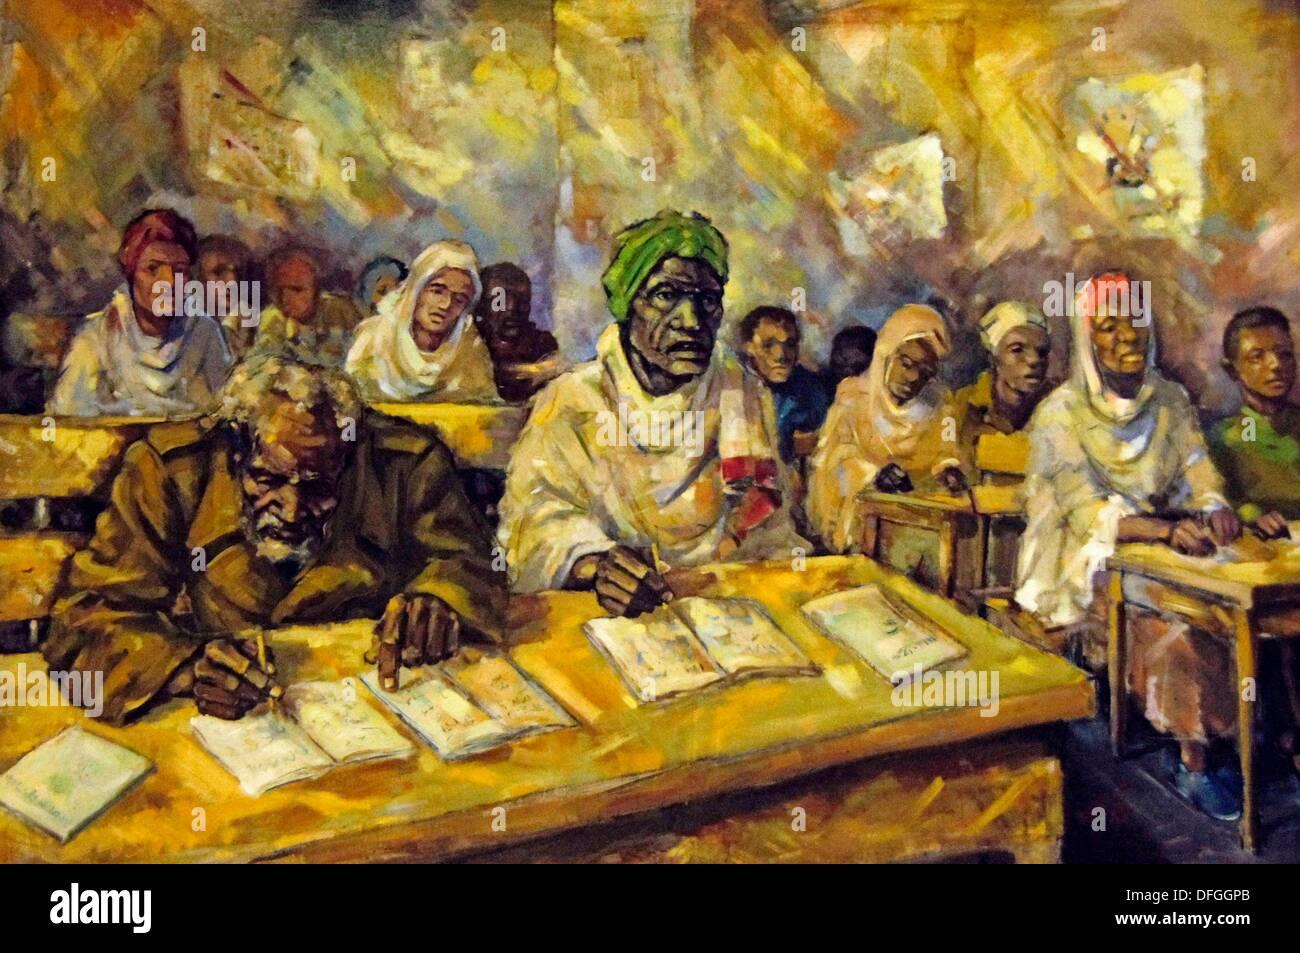 """""""Musée Ethno' à Addis-Abeba: artiste impression d'alphabétisation durant la periode comunist, Ethiopie Banque D'Images"""